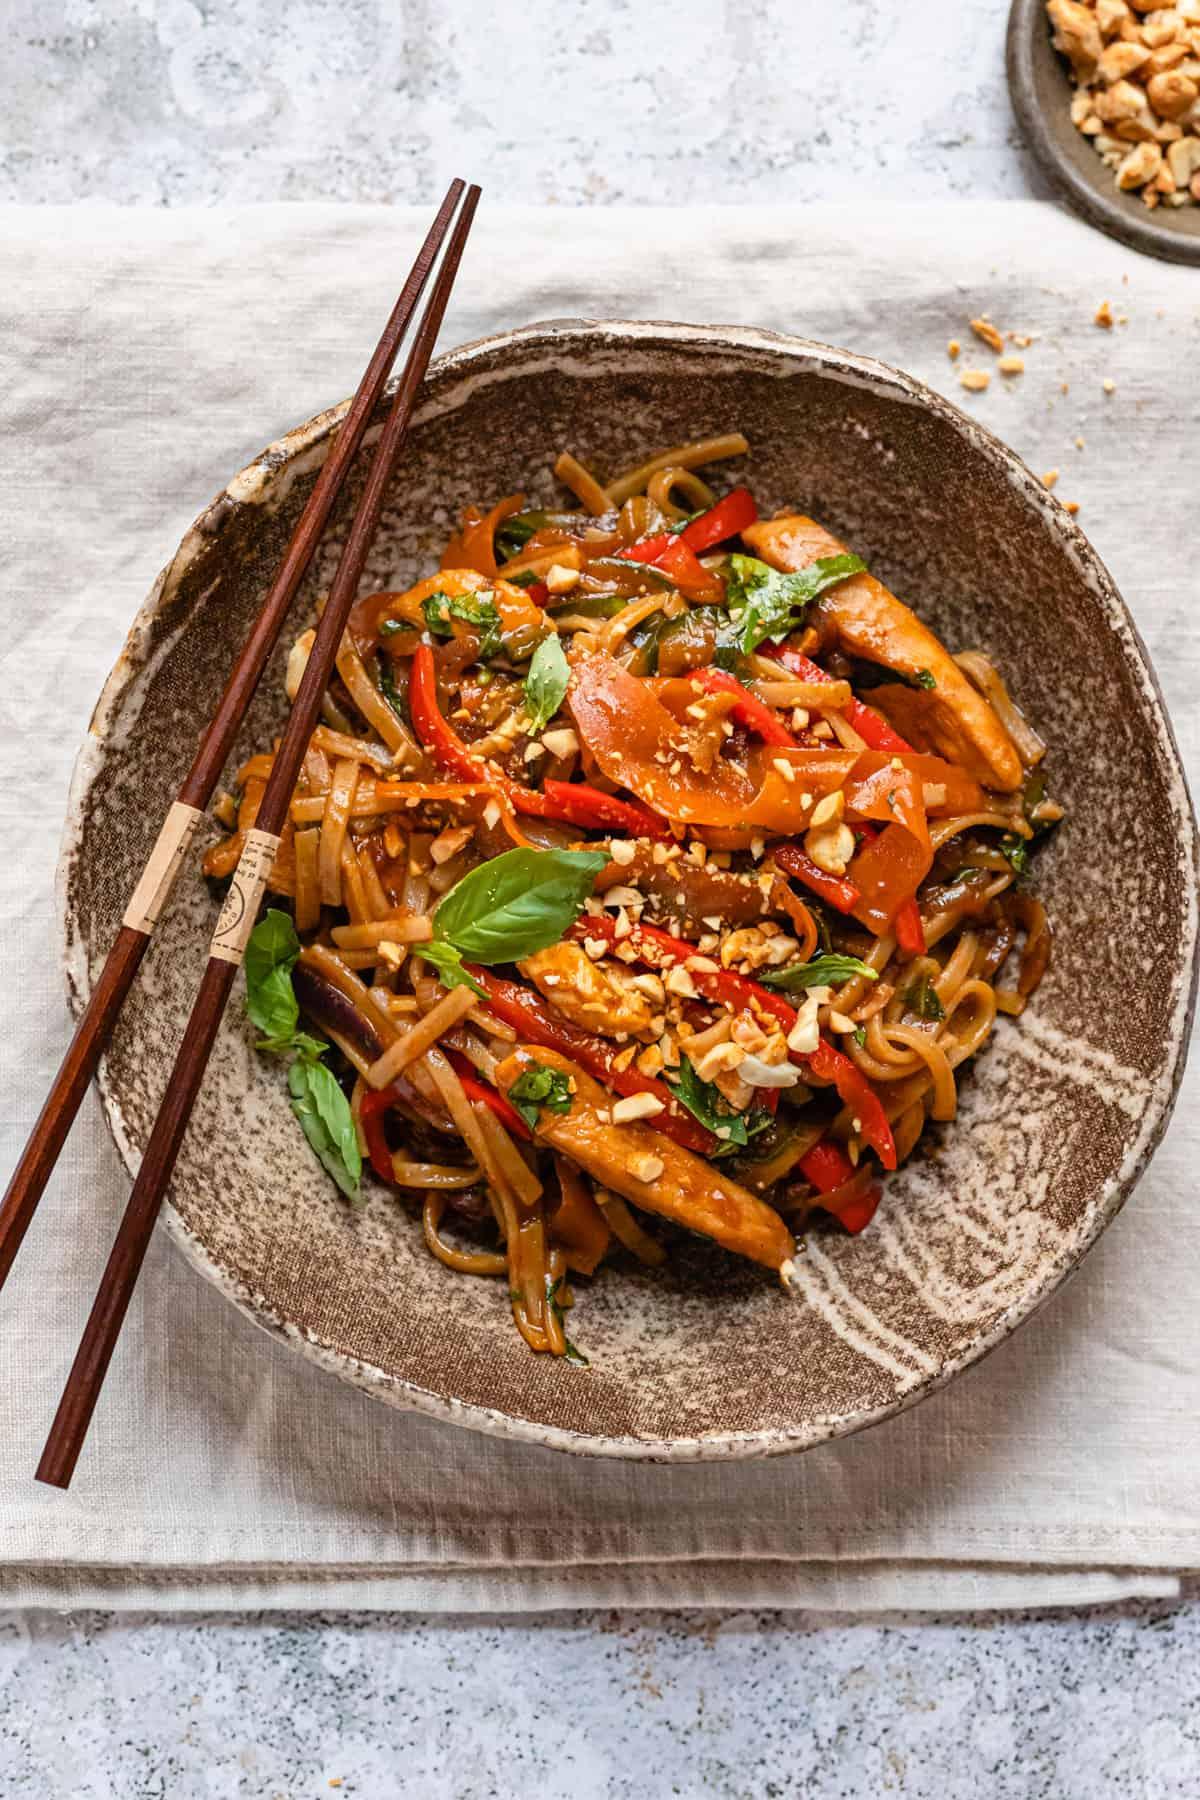 Thai drunken noodles with chopsticks